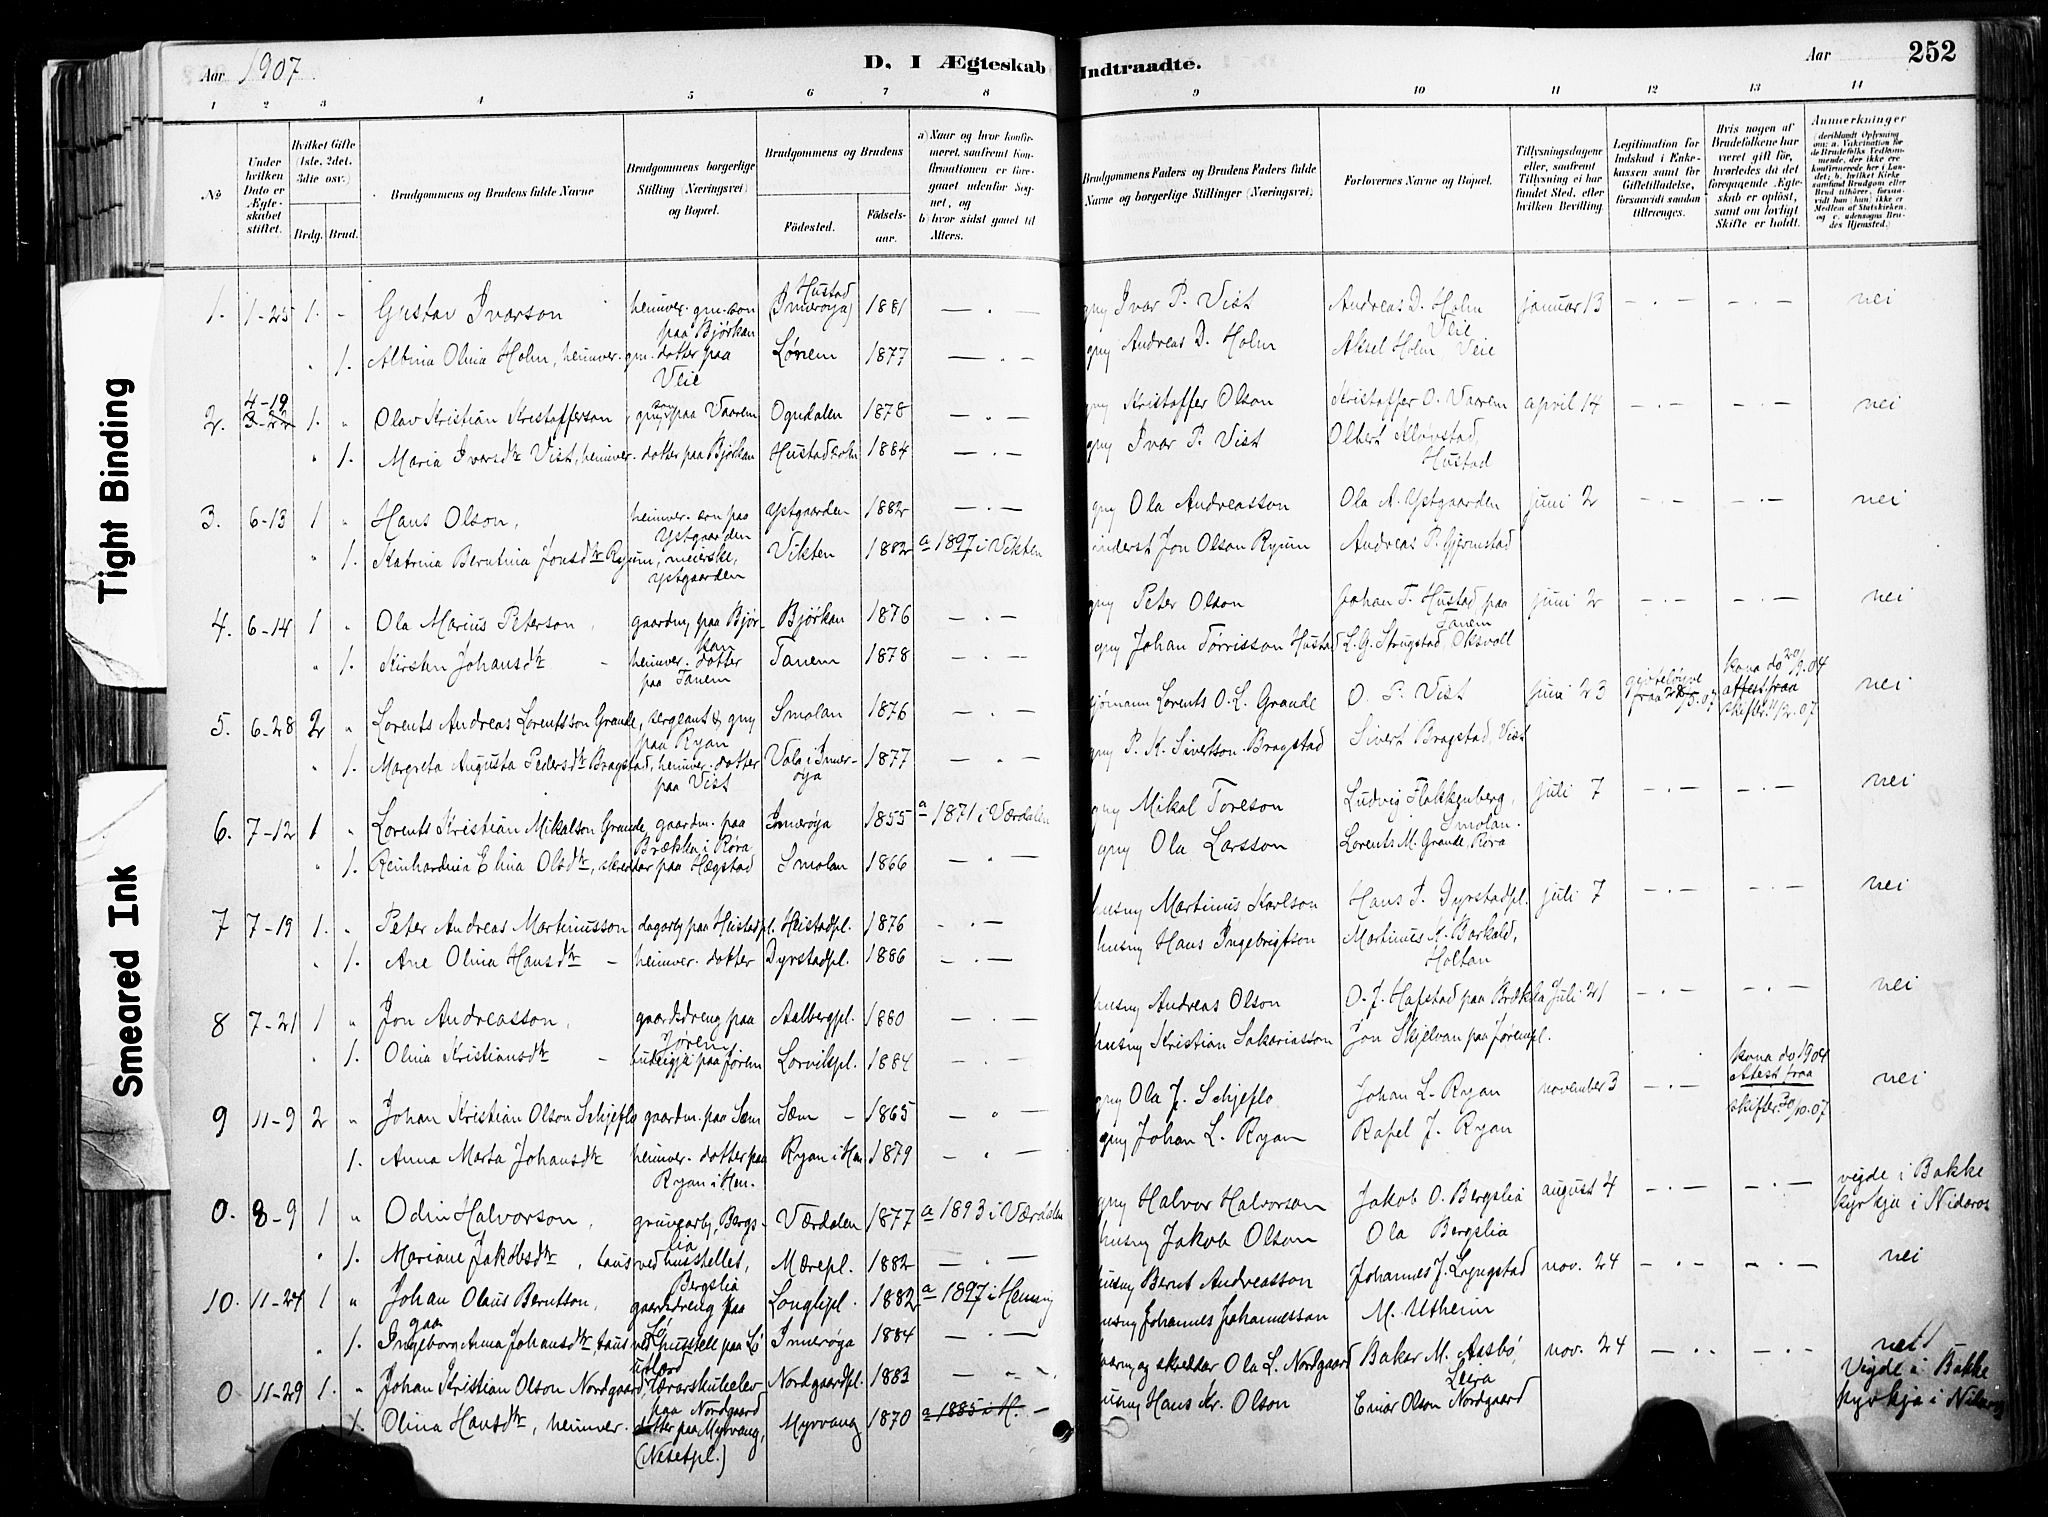 SAT, Ministerialprotokoller, klokkerbøker og fødselsregistre - Nord-Trøndelag, 735/L0351: Ministerialbok nr. 735A10, 1884-1908, s. 252